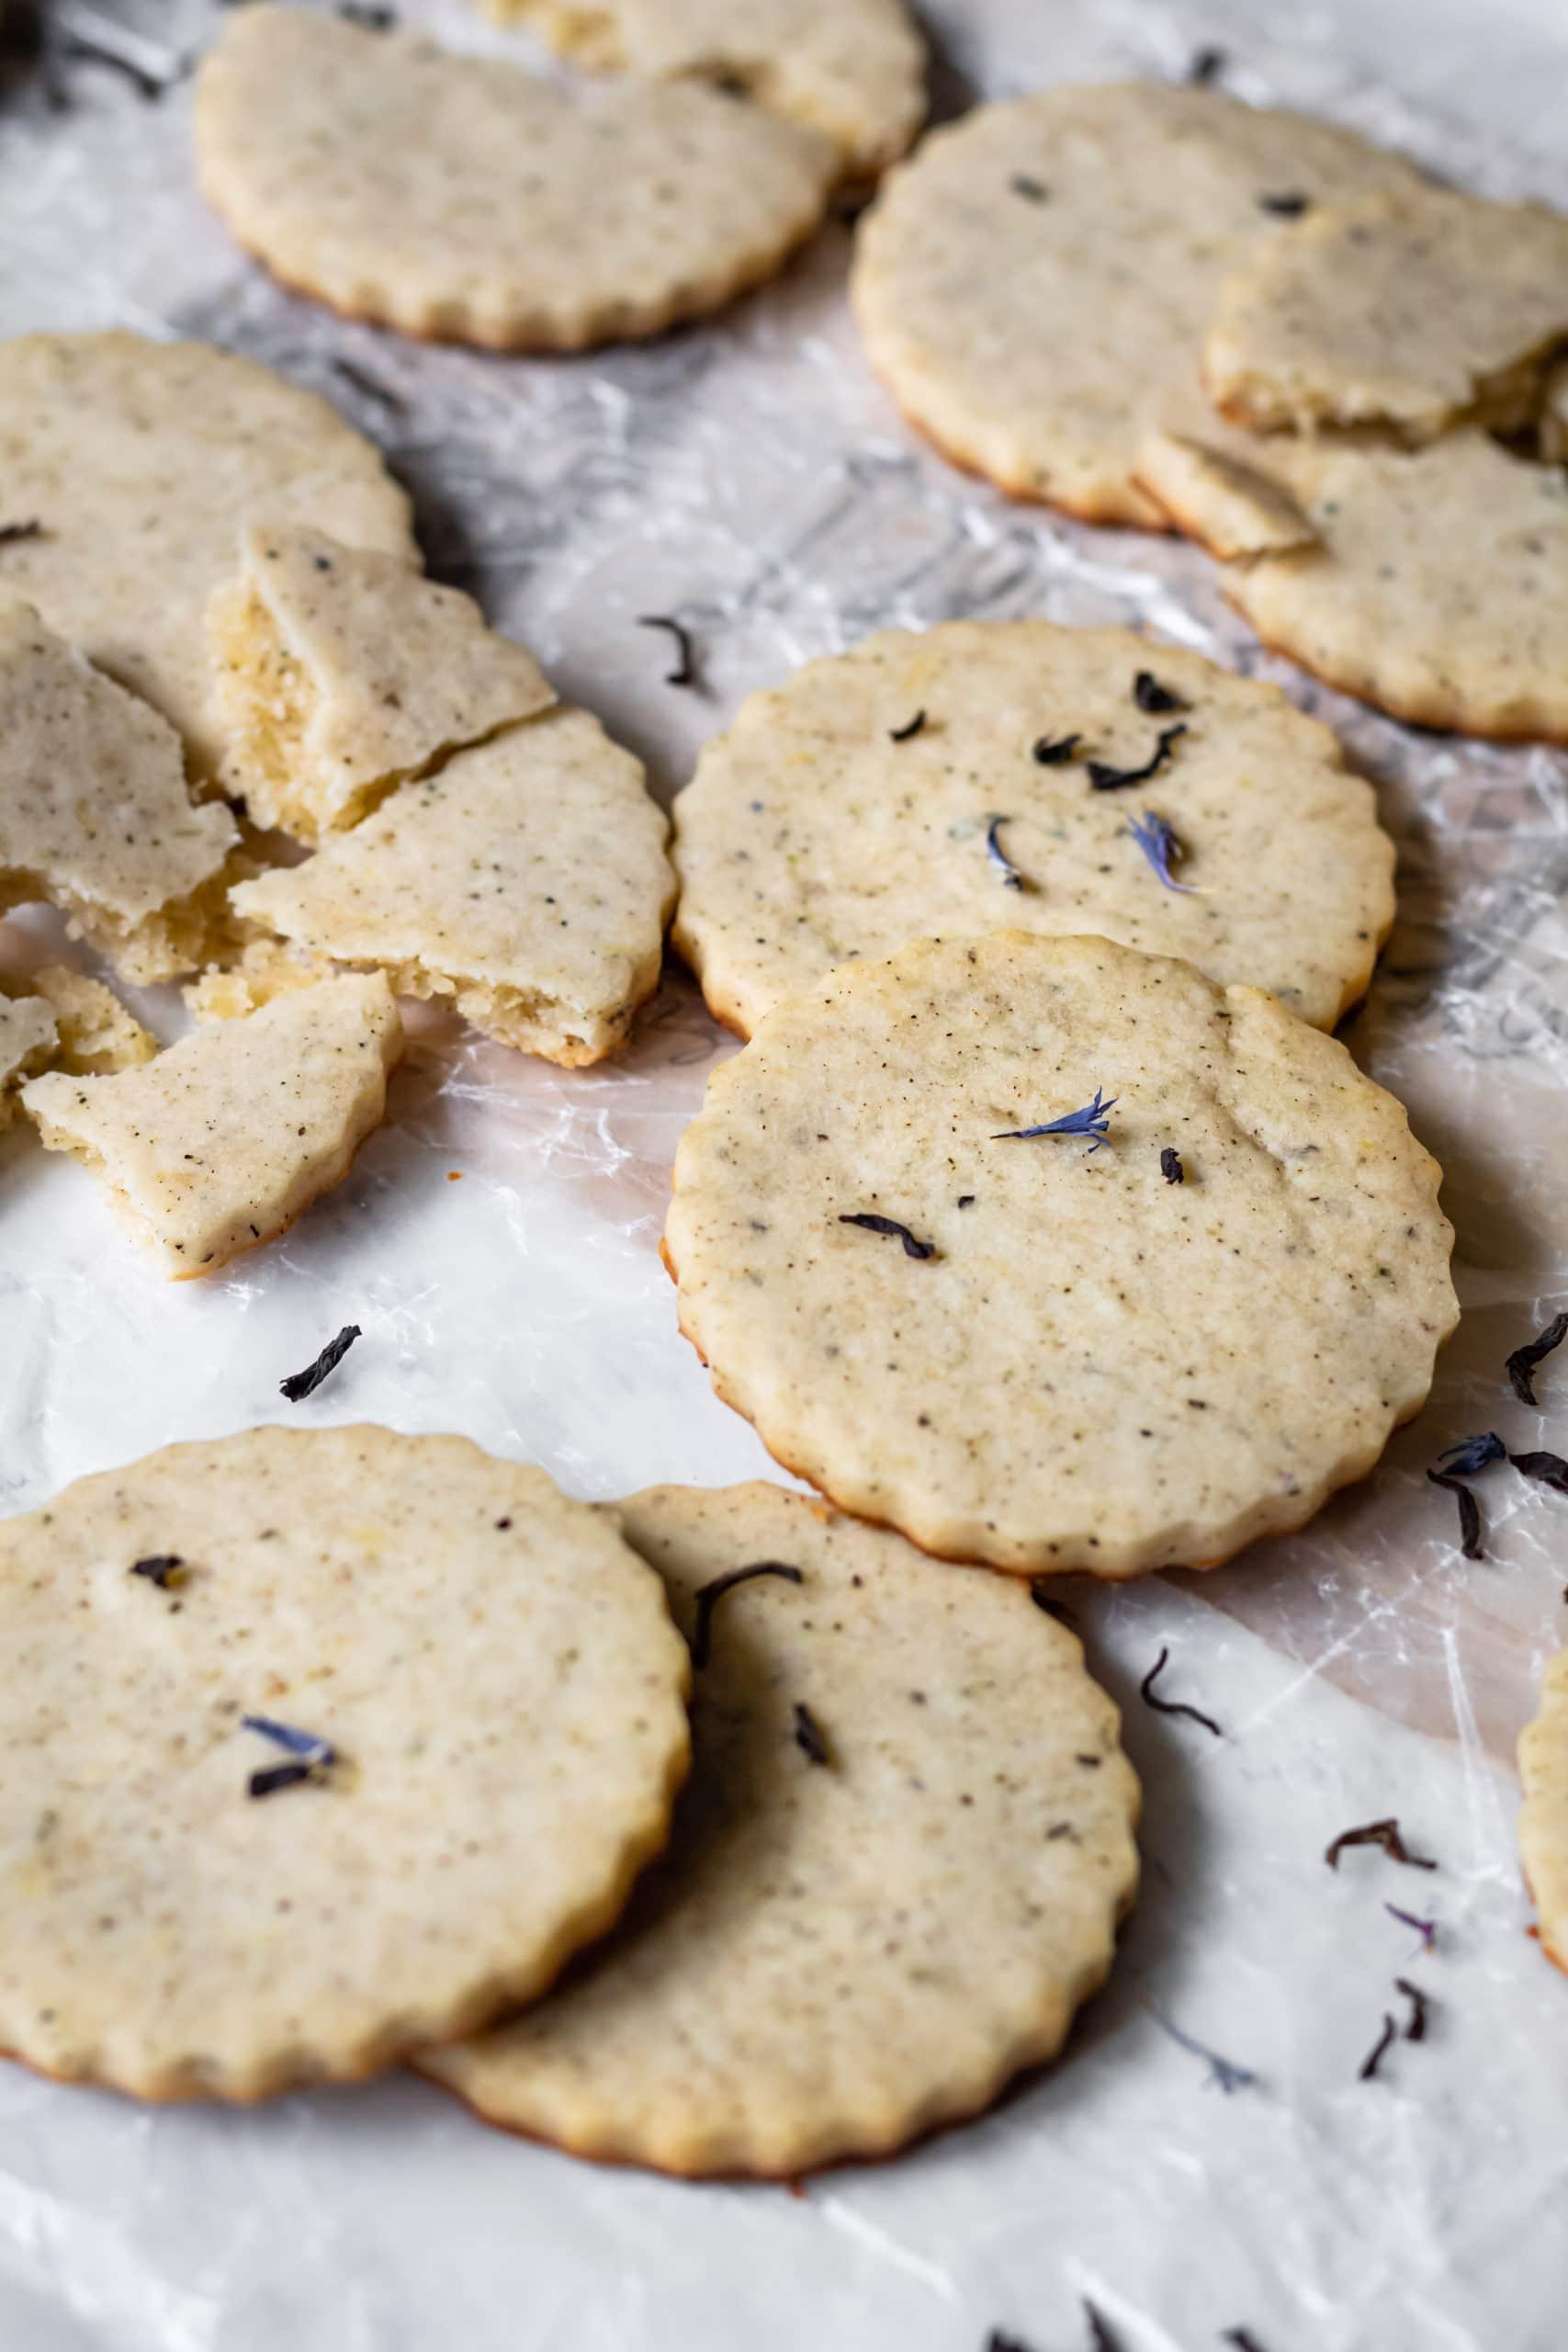 cookies post oven